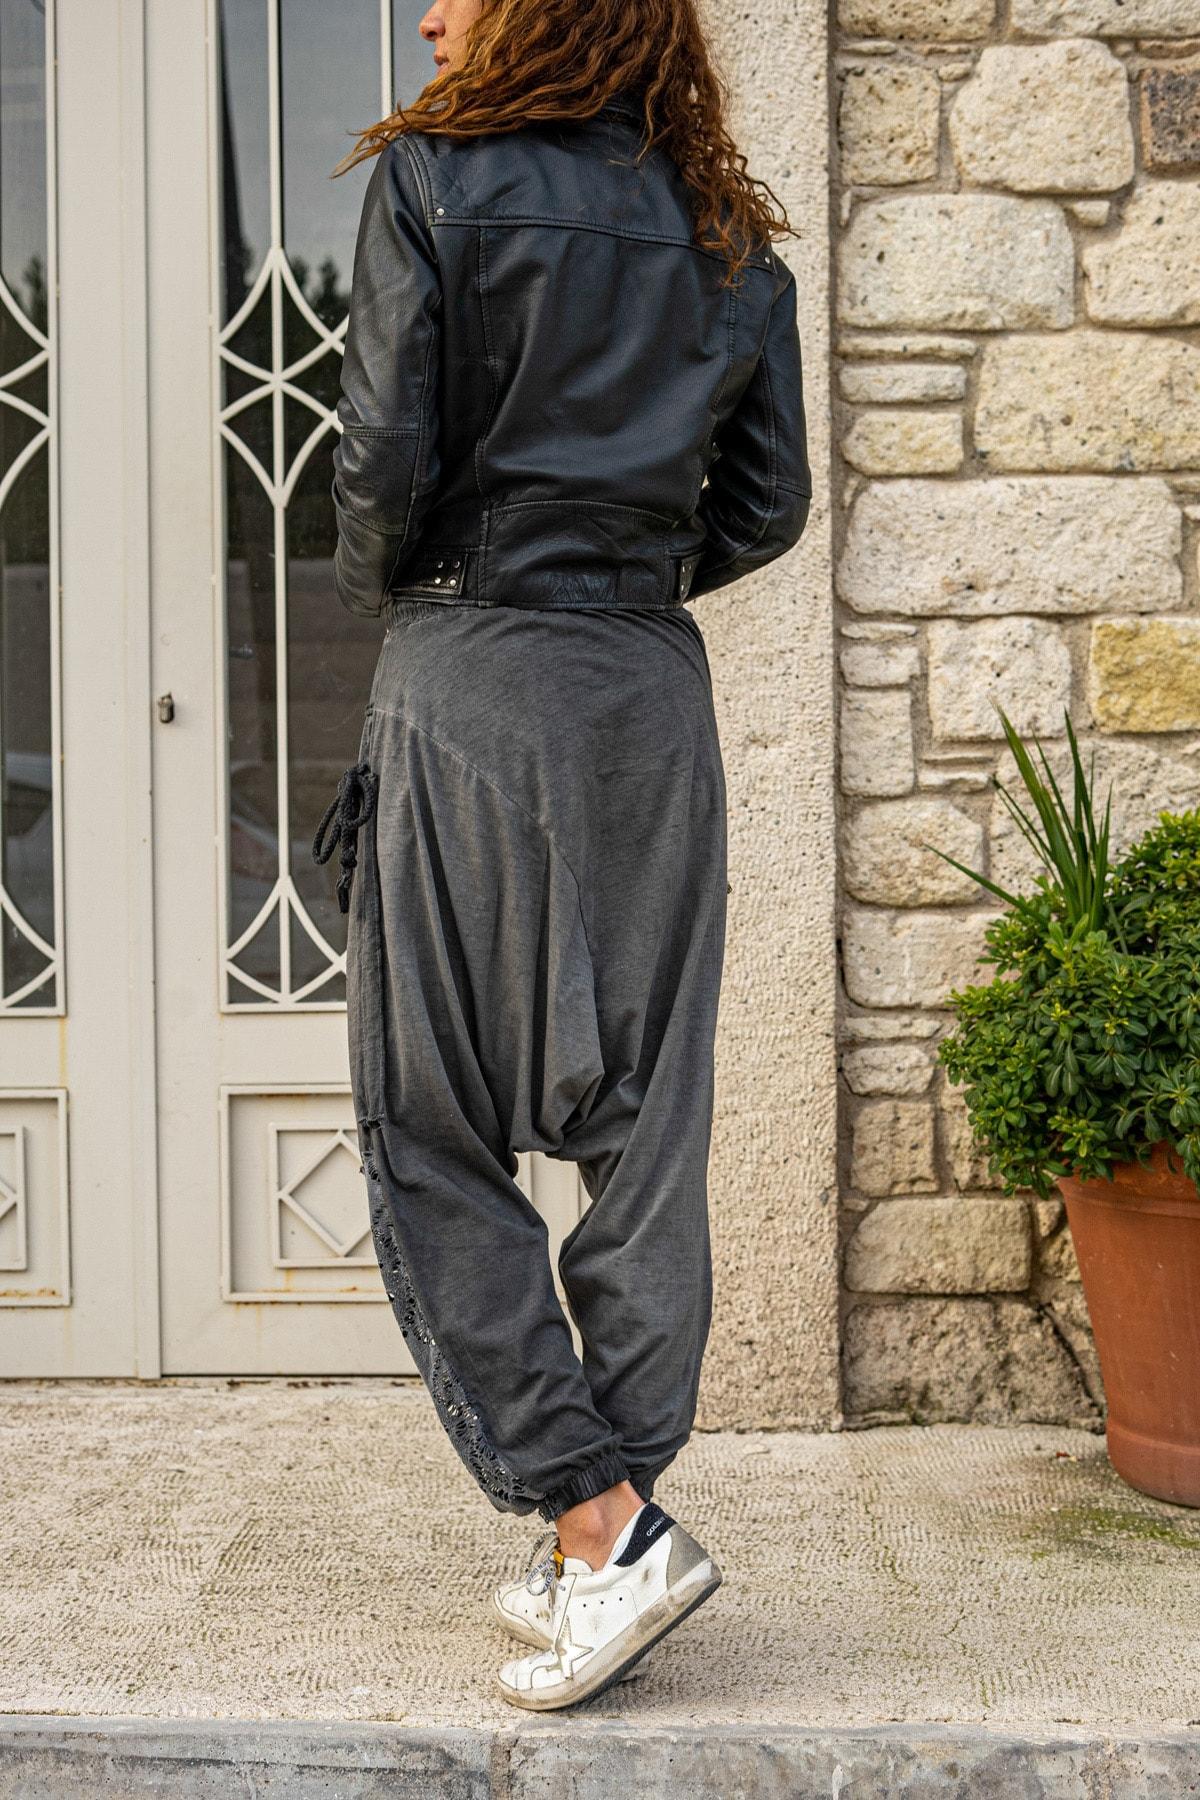 Güneşkızı Kadın Antrasit Yıkamalı Püsküllü Ajur Detaylı Şalvar Pantolon GK-RSD2024 2